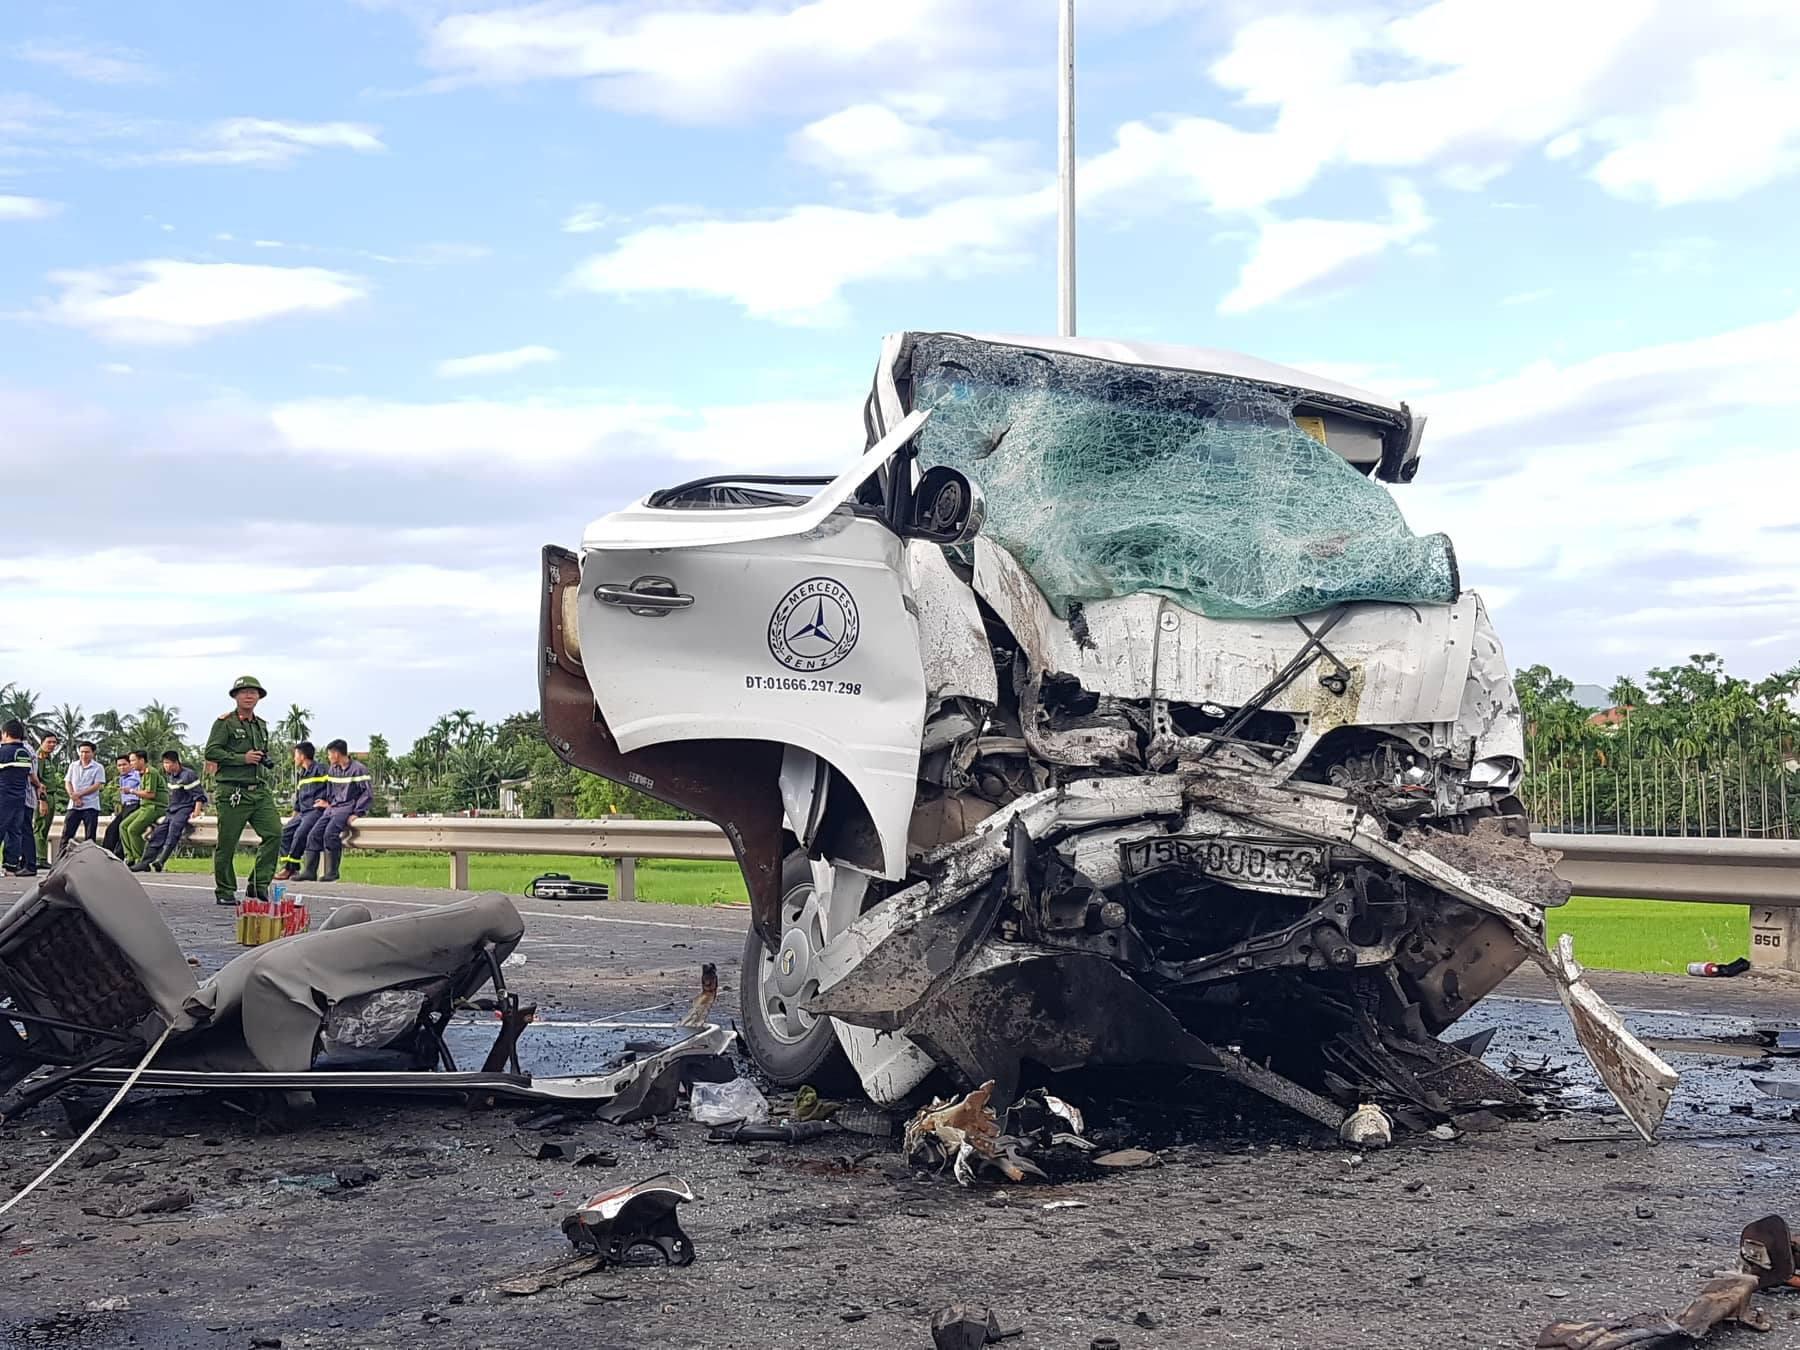 Trao thêm gần 2,5 tỉ đồng cho 4 bệnh nhân vụ tai nạn xe rước dâu khiến 17 người thương vong - Ảnh 4.